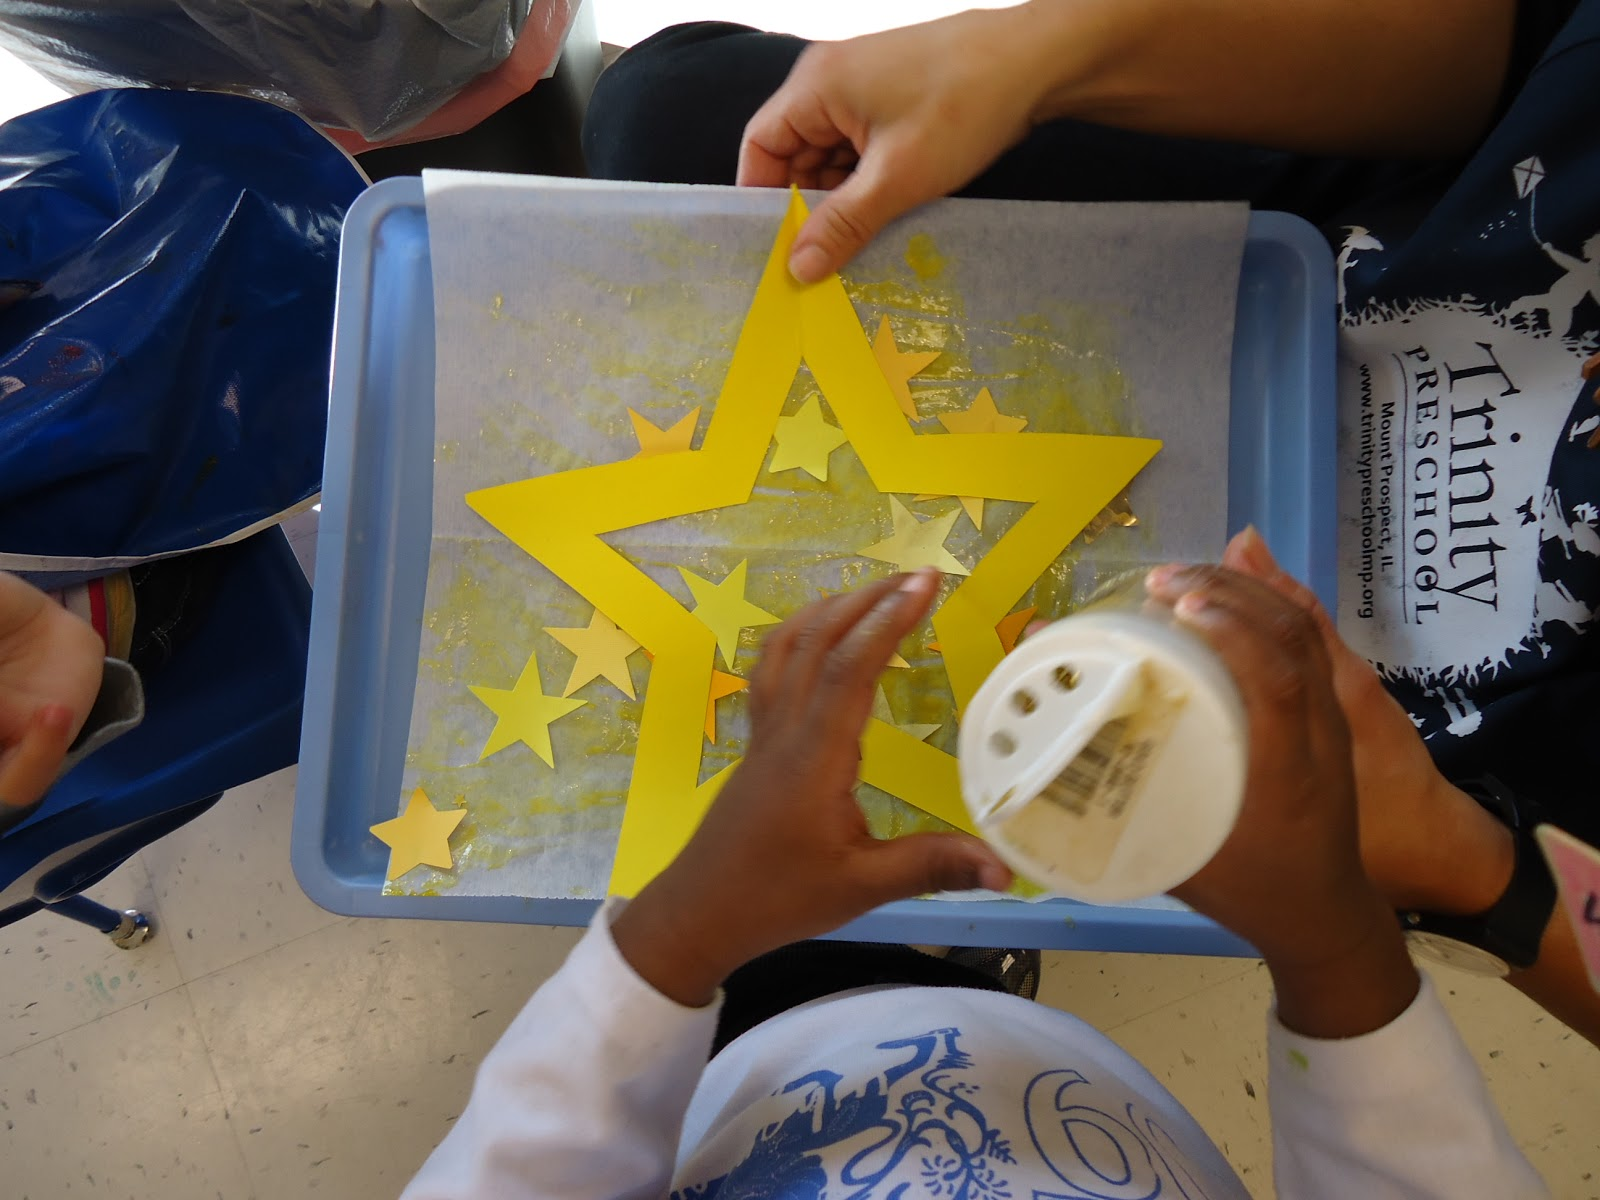 Trinity Preschool Mount Prospect: Star Art For Twinkle